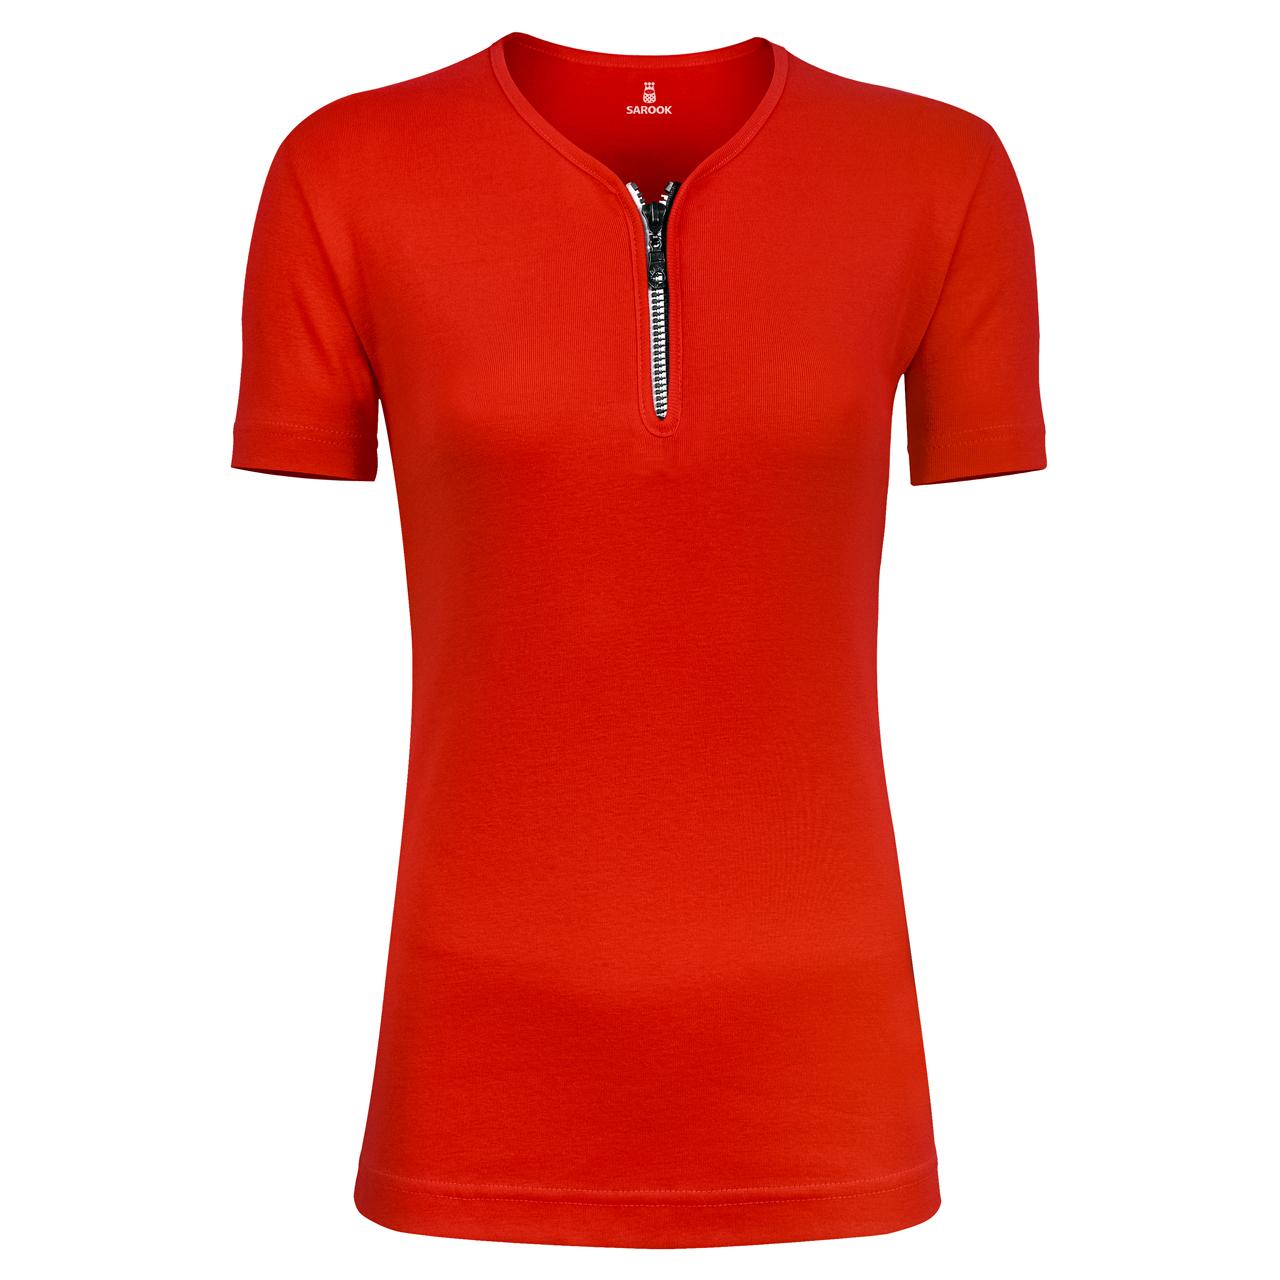 تی شرت زنانه زیپ دار ساروک مدل U کد 06